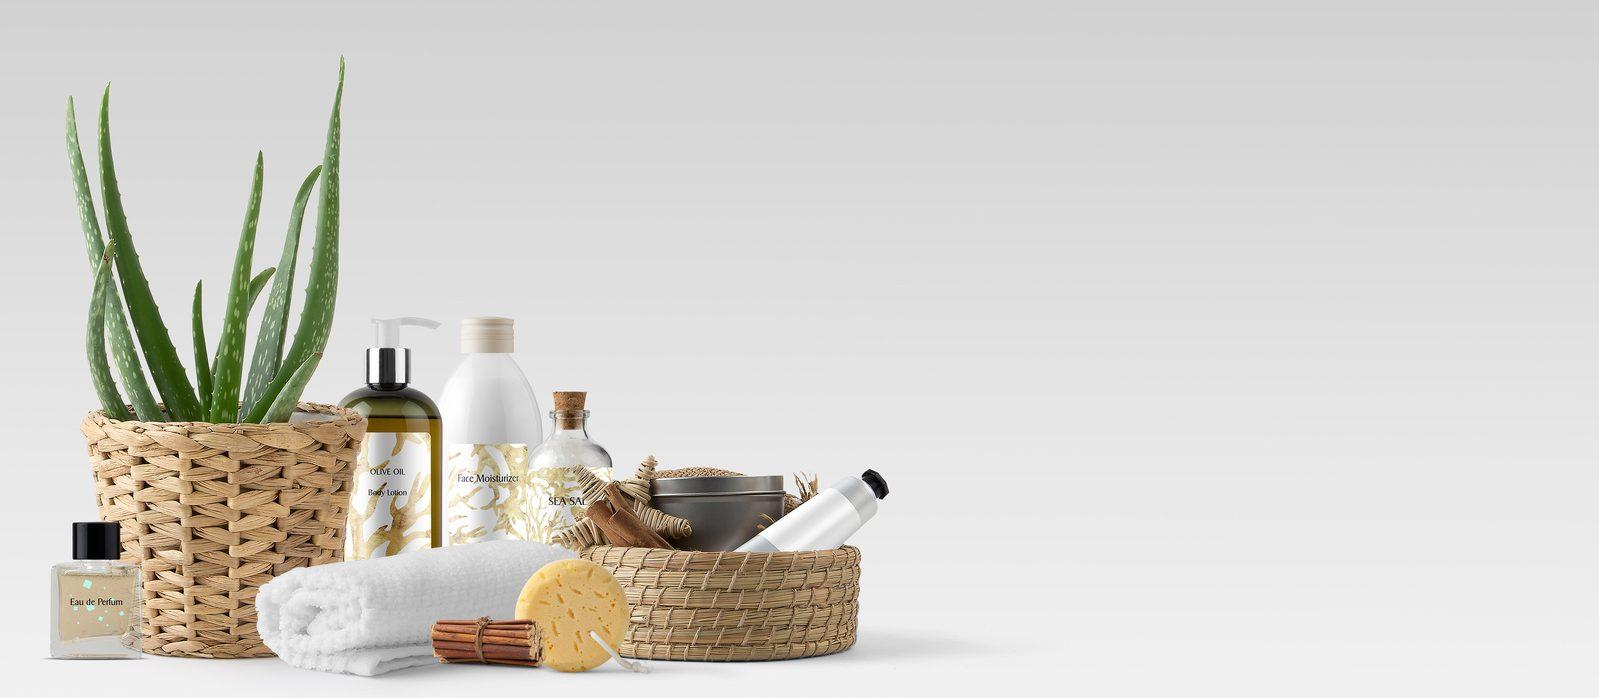 Verschiedene Pflegeprodukte, Handtuch, Aloe Vera – Spa und Beauty  Banner